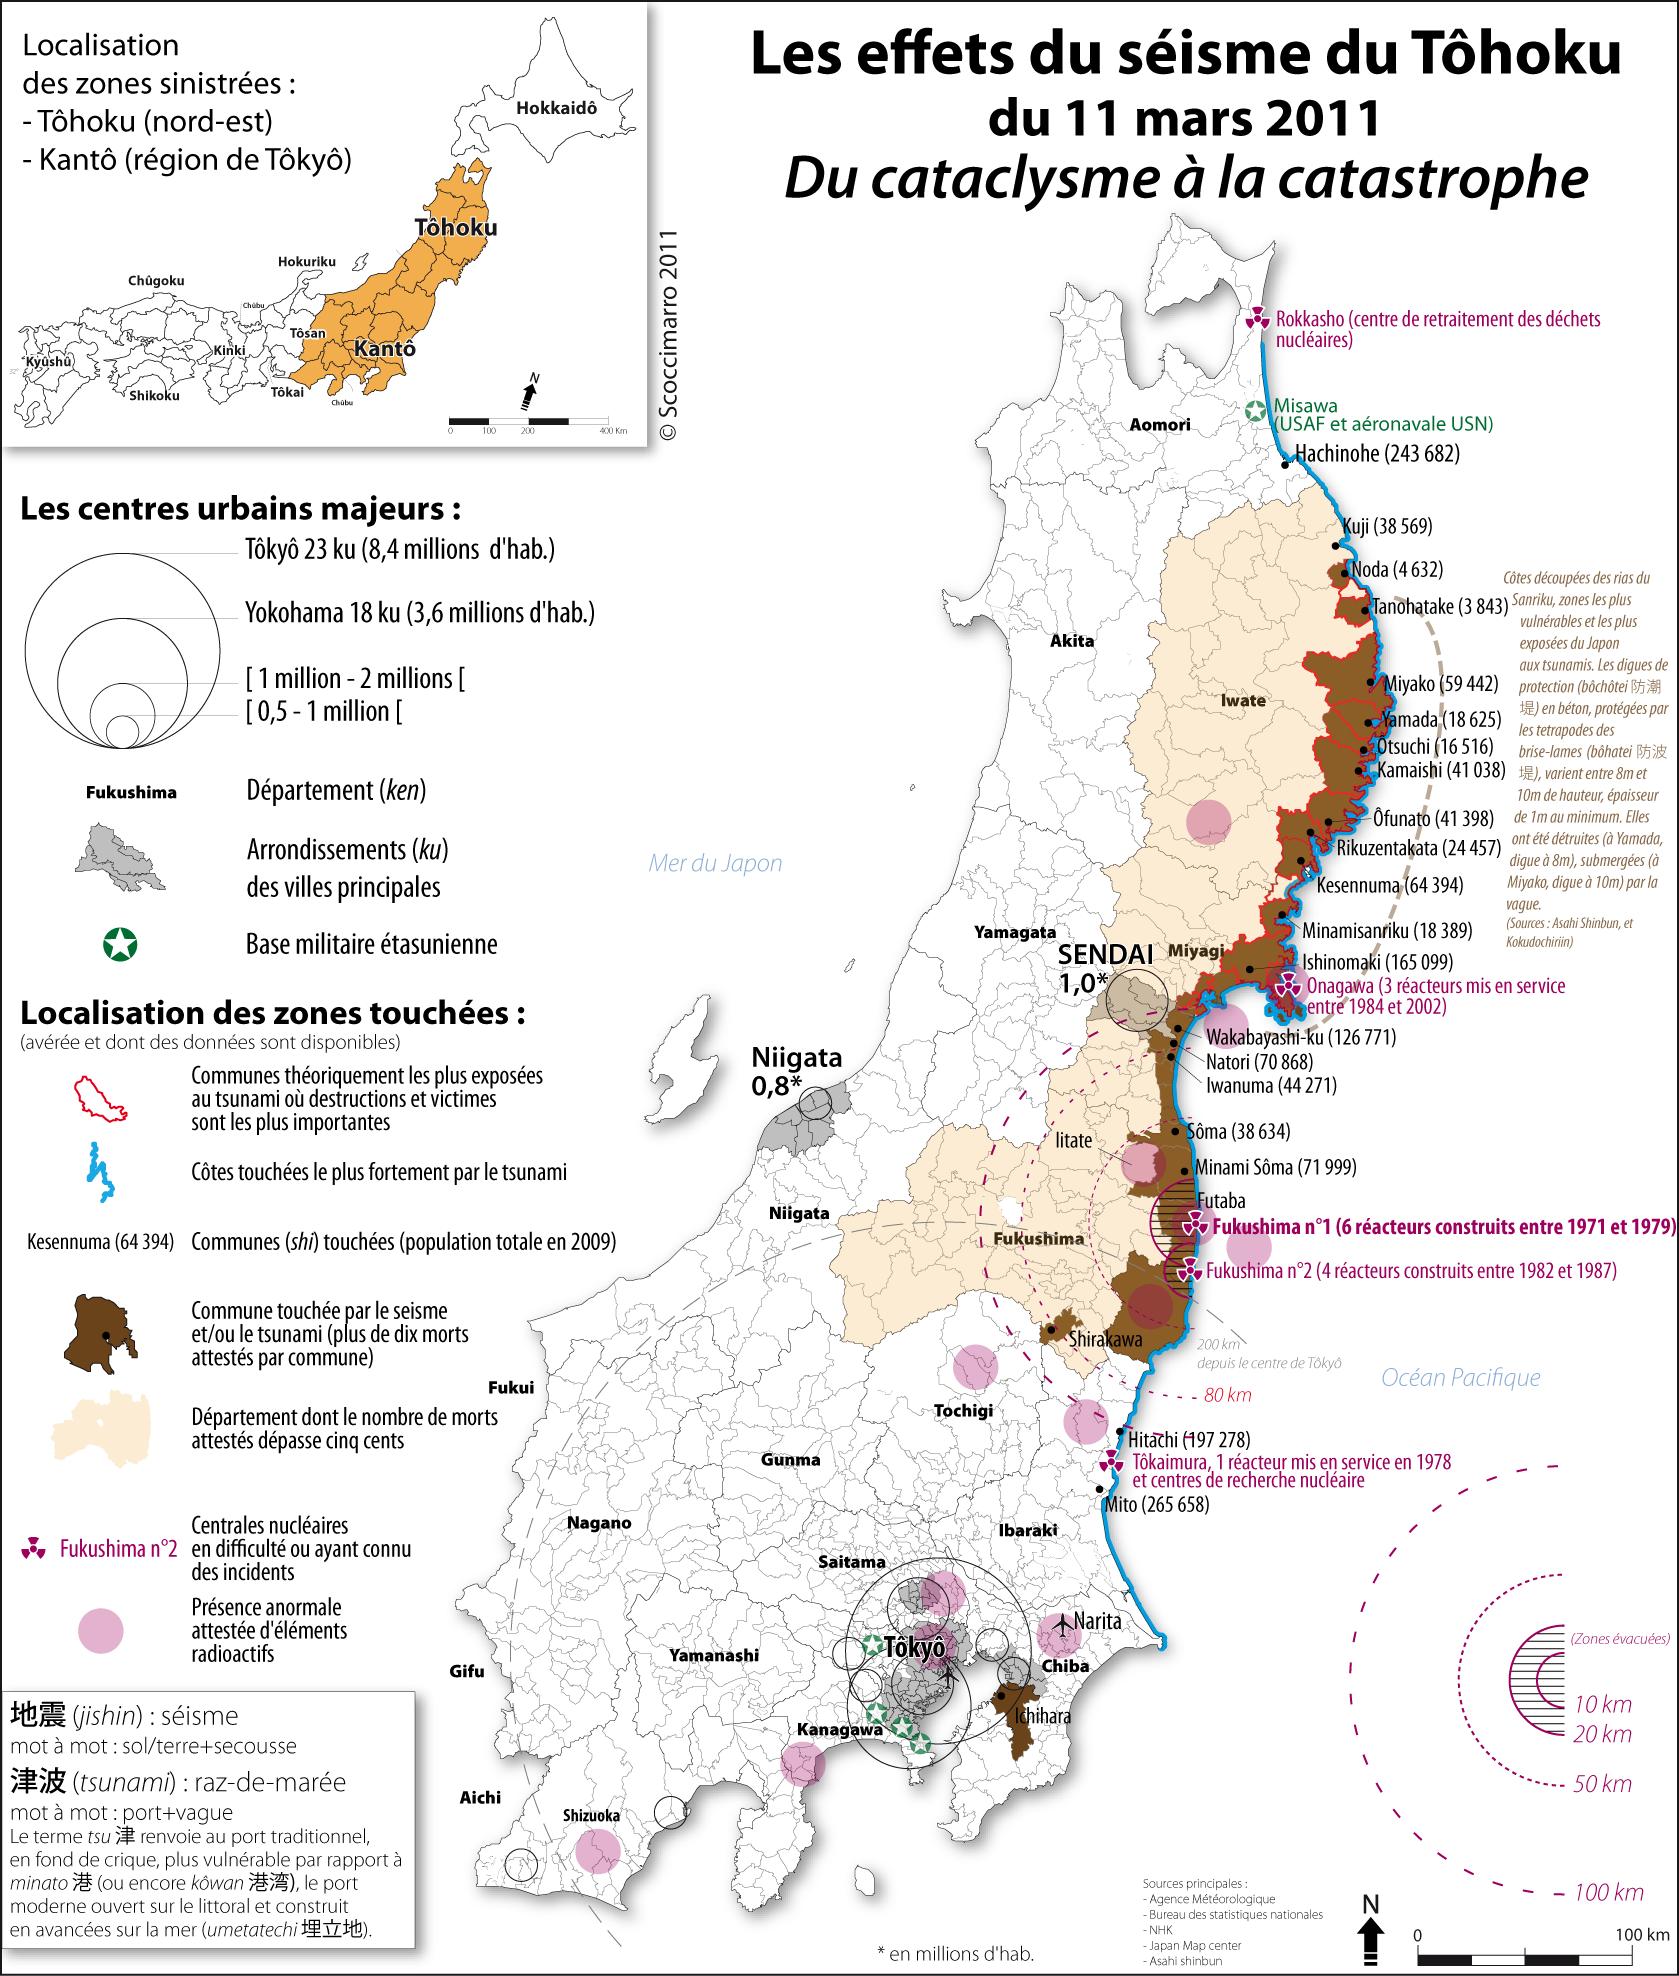 [Japon] Séisme de 9 avec tsunamis et incident nucléaire MAJEUR - Page 2 SeismeTohoku2011